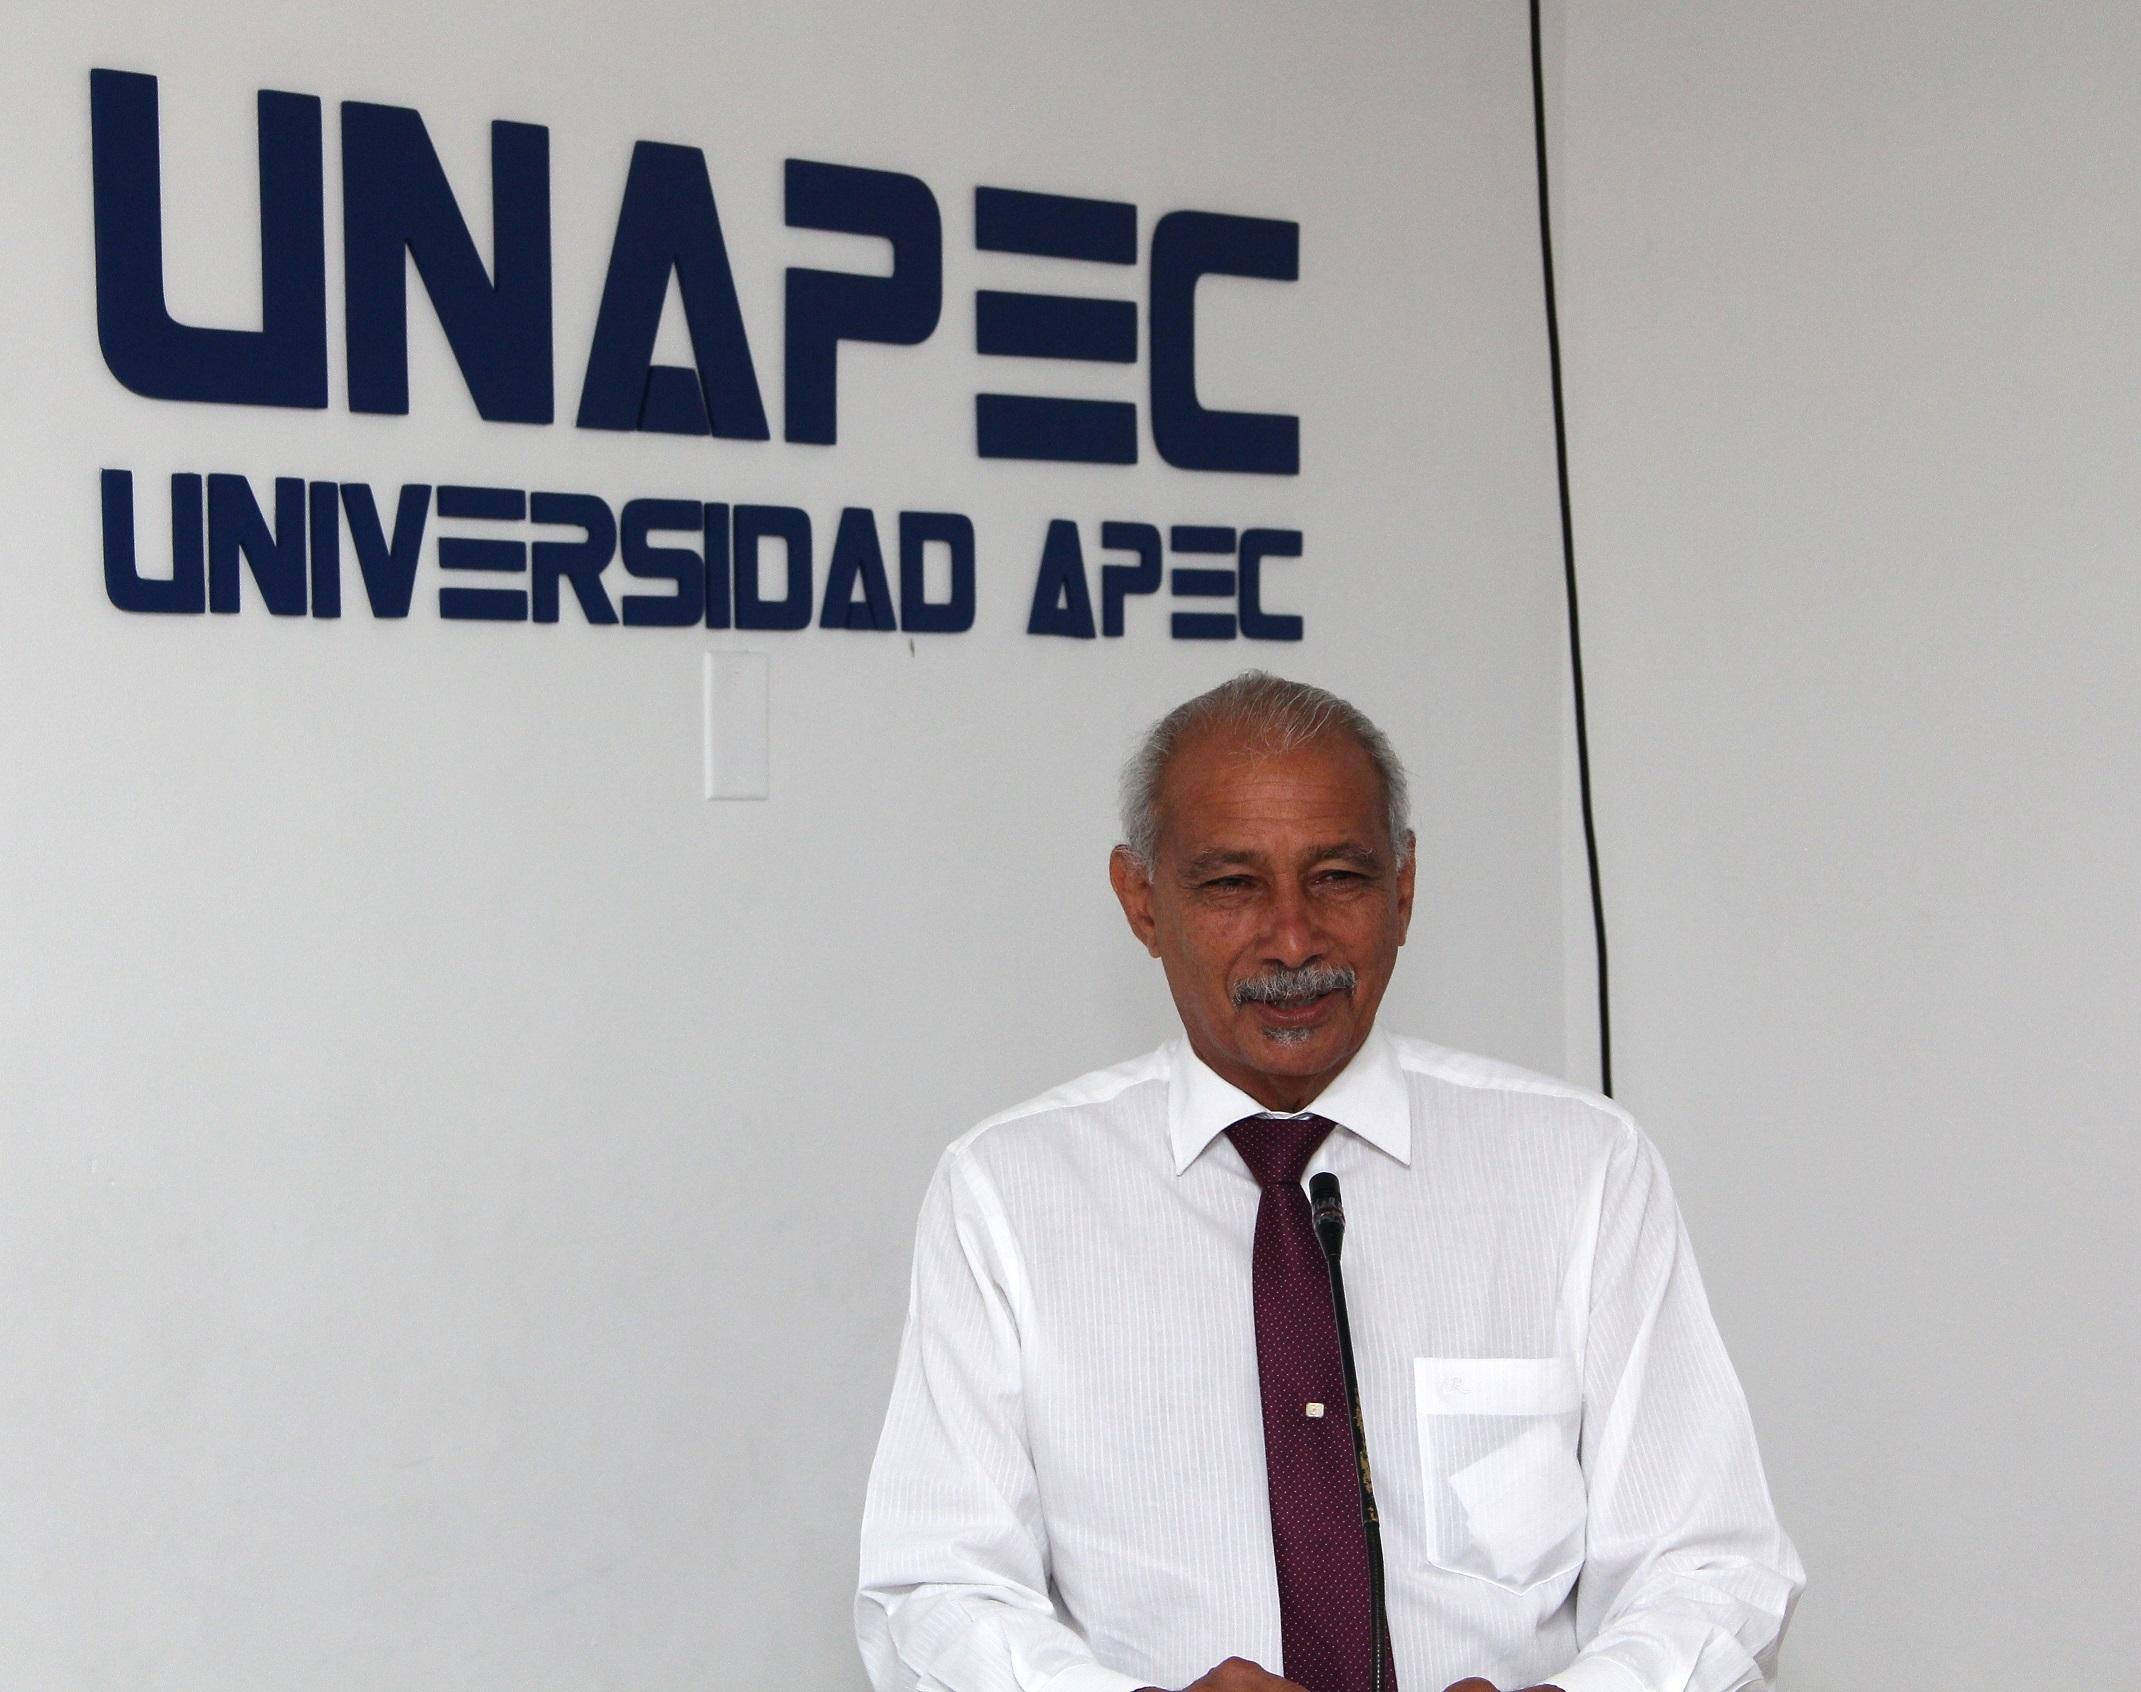 rancisco D Oleo, Vicerrector de Investigación, Innovación y Desarrollo Estratégico de UNAPEC